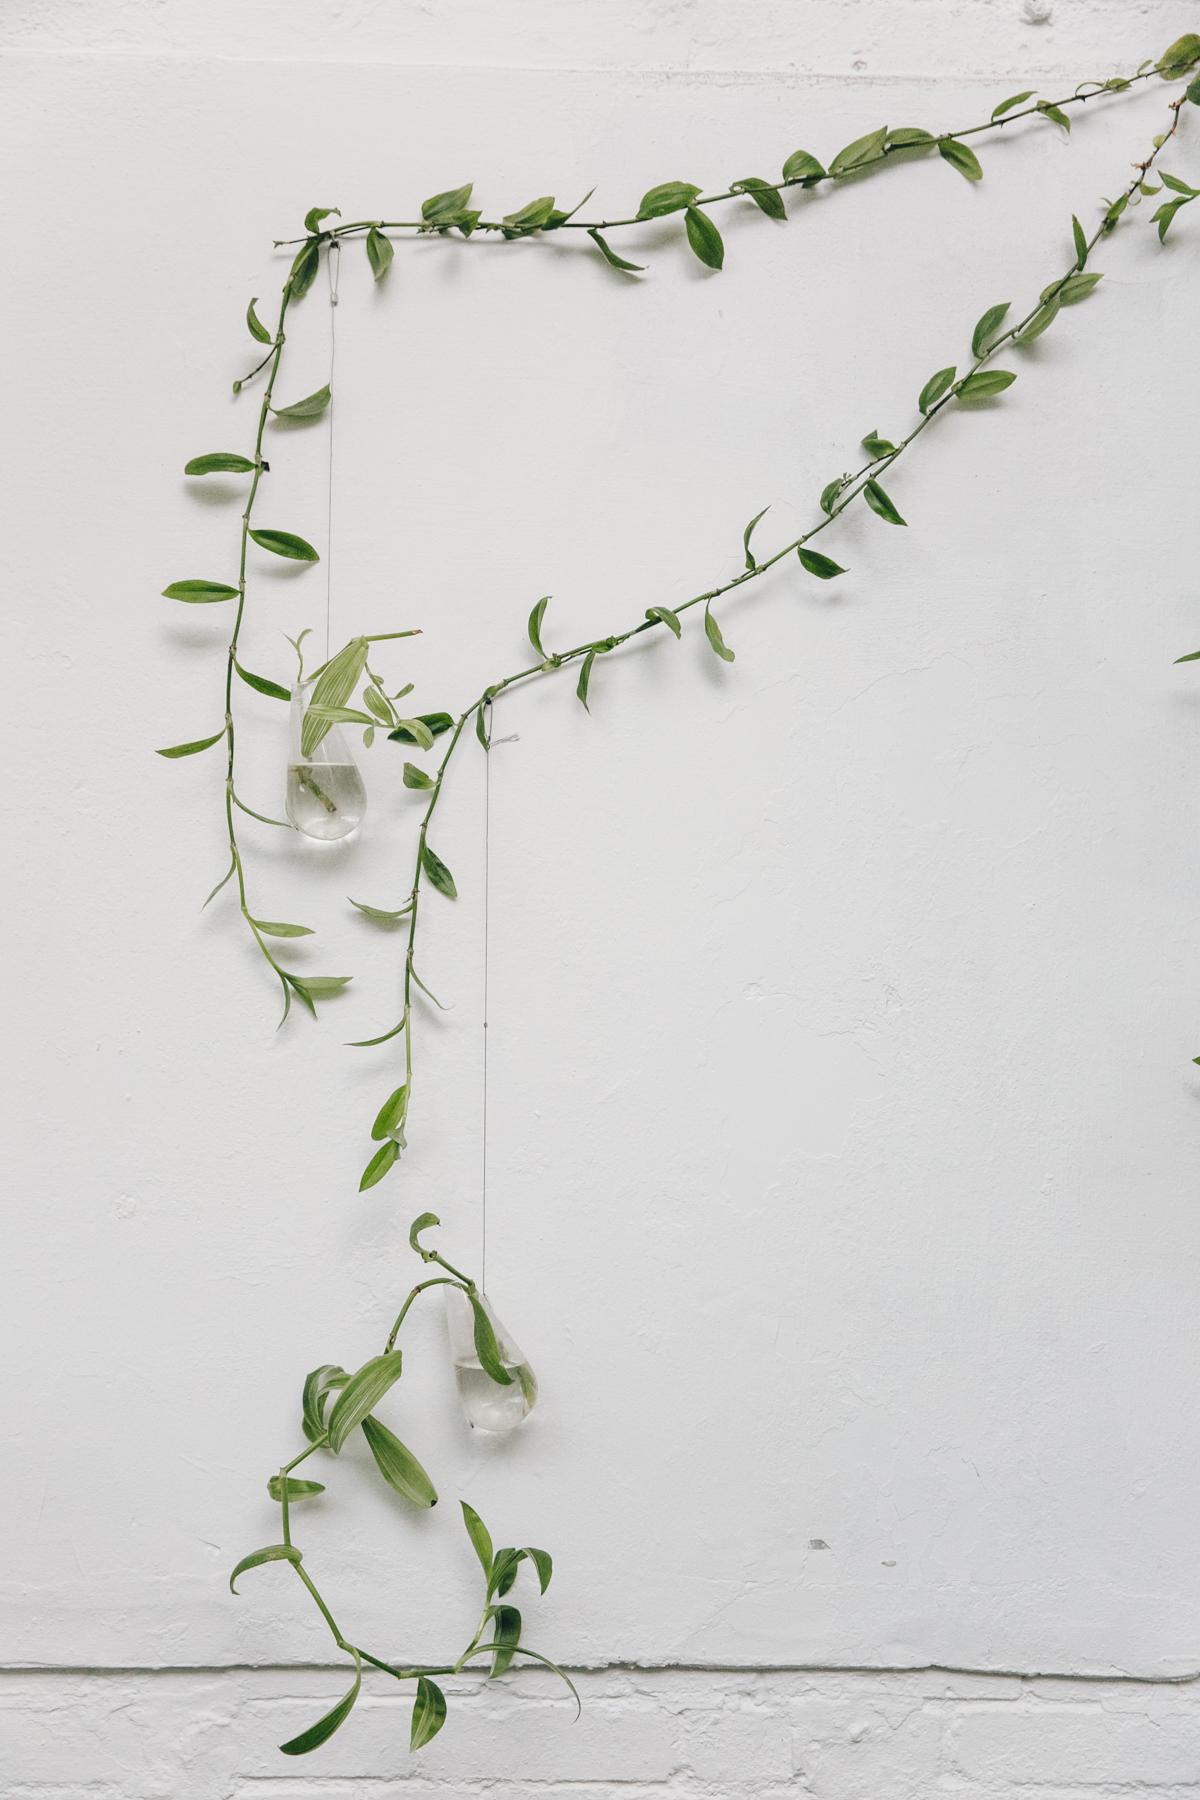 Plants in glass bottles.